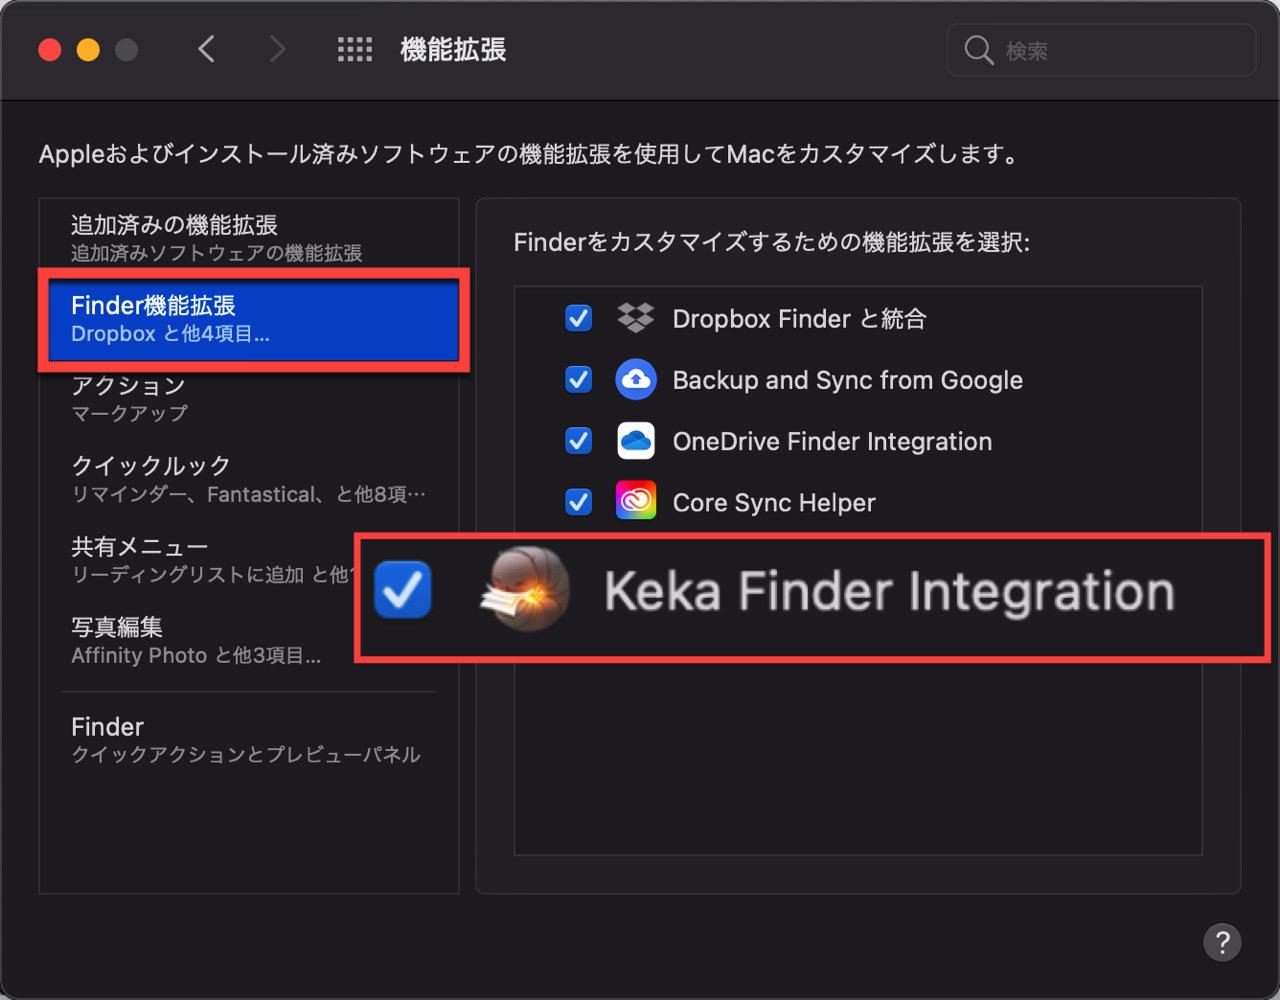 Keka Finder Integration にチェックを入れる